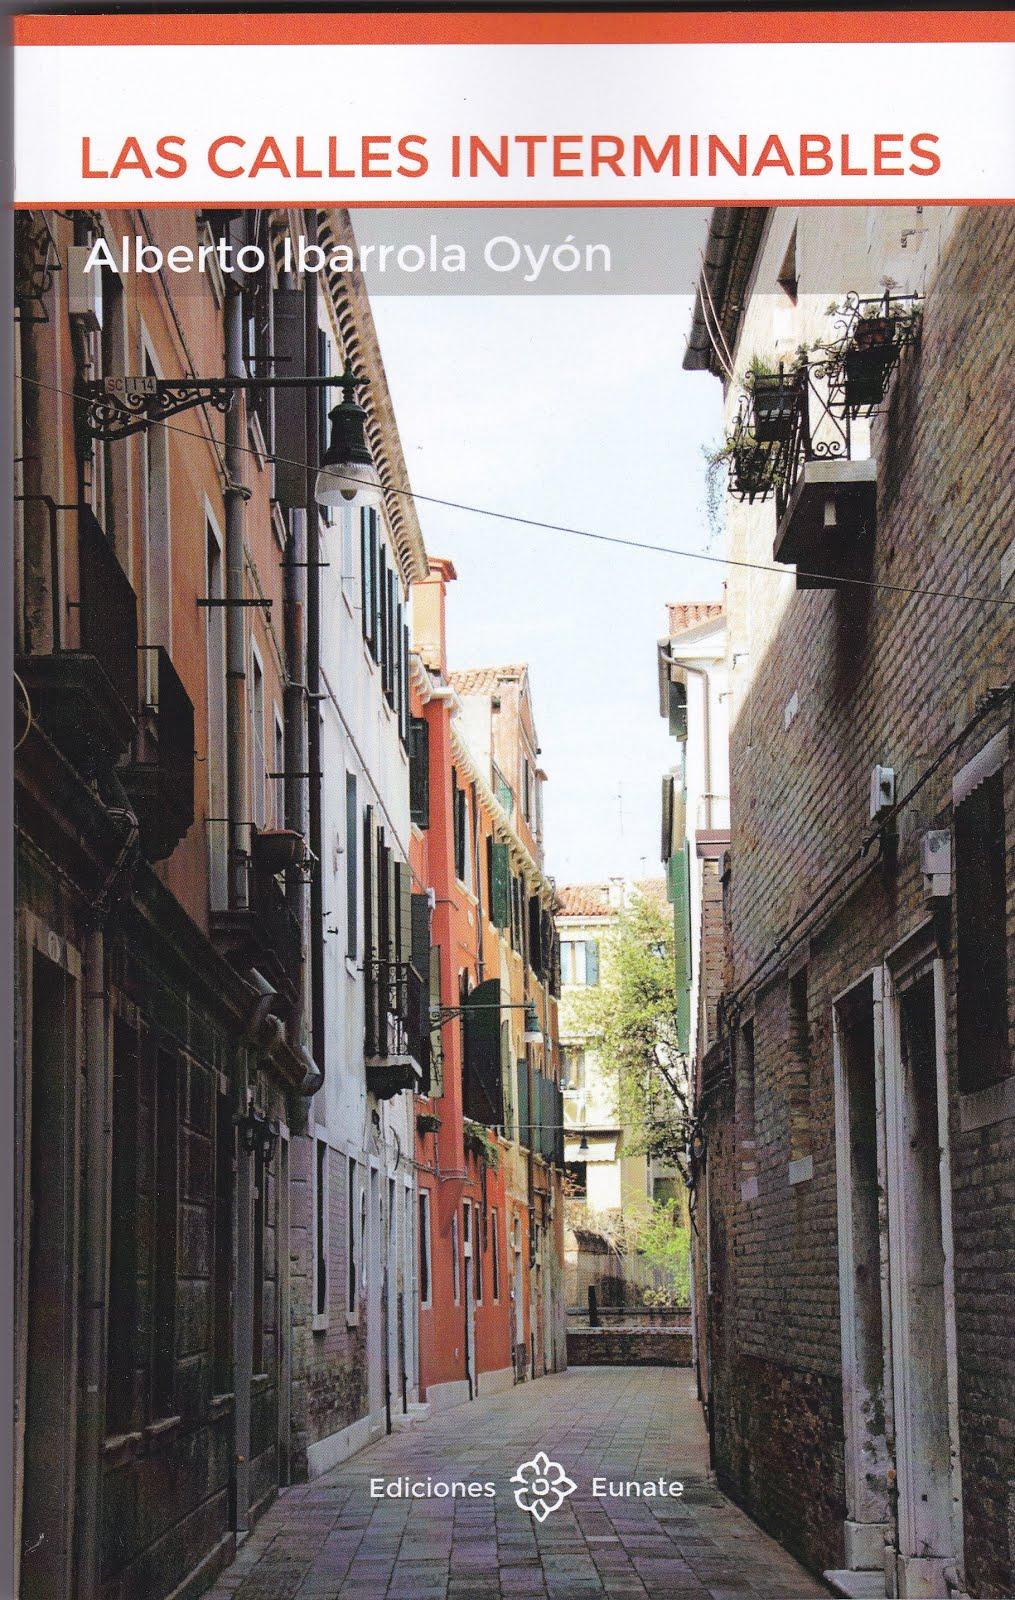 Las calles interminables